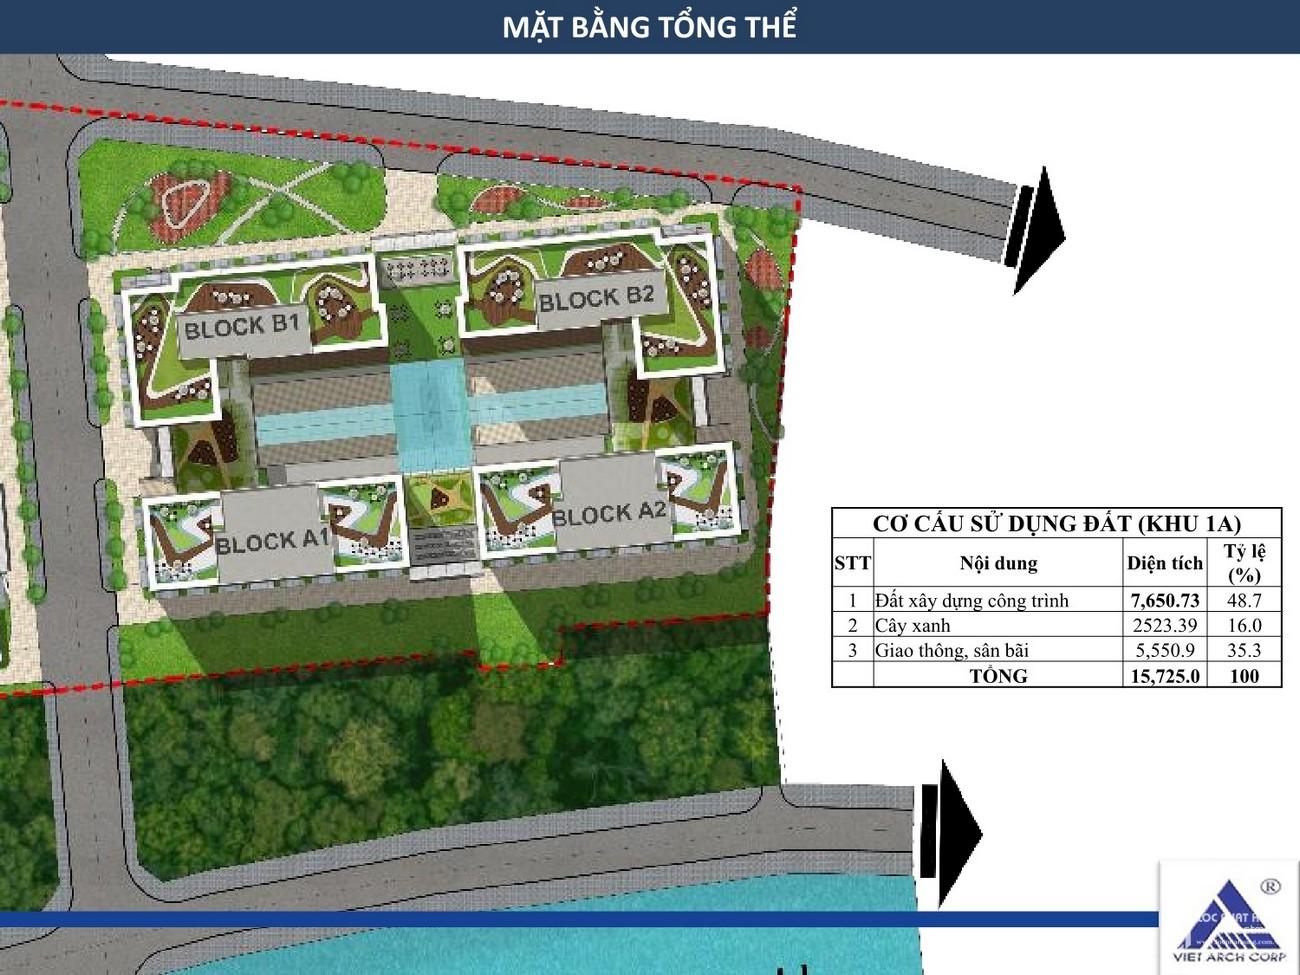 Mặt bằng tổng thể căn hộ nhà ở xã hội Golden City Tây Ninh chủ đầu tư INDOCHINA